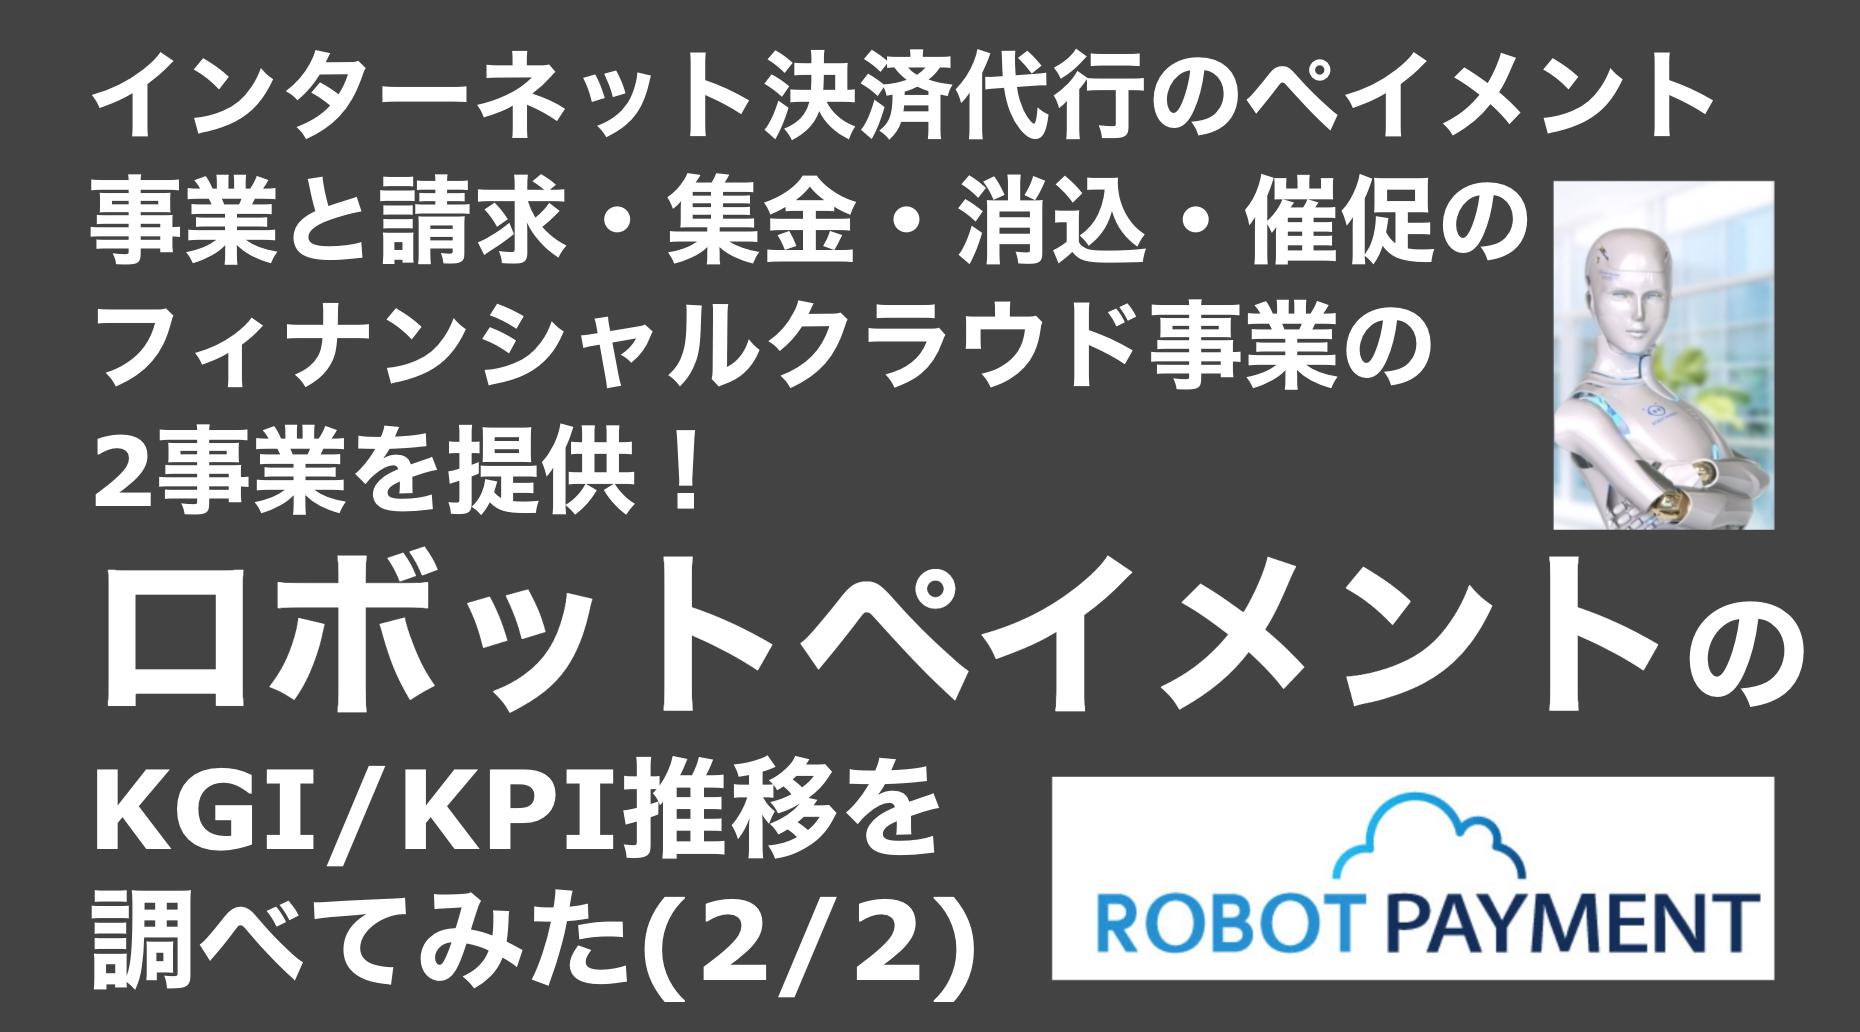 saaslife_インターネット決済代行のペイメント事業と請求・集金・消込・催促のフィナンシャルクラウド事業の2事業を提供!ロボットペイメントのKGI/KPI推移を調べてみた(2/2)